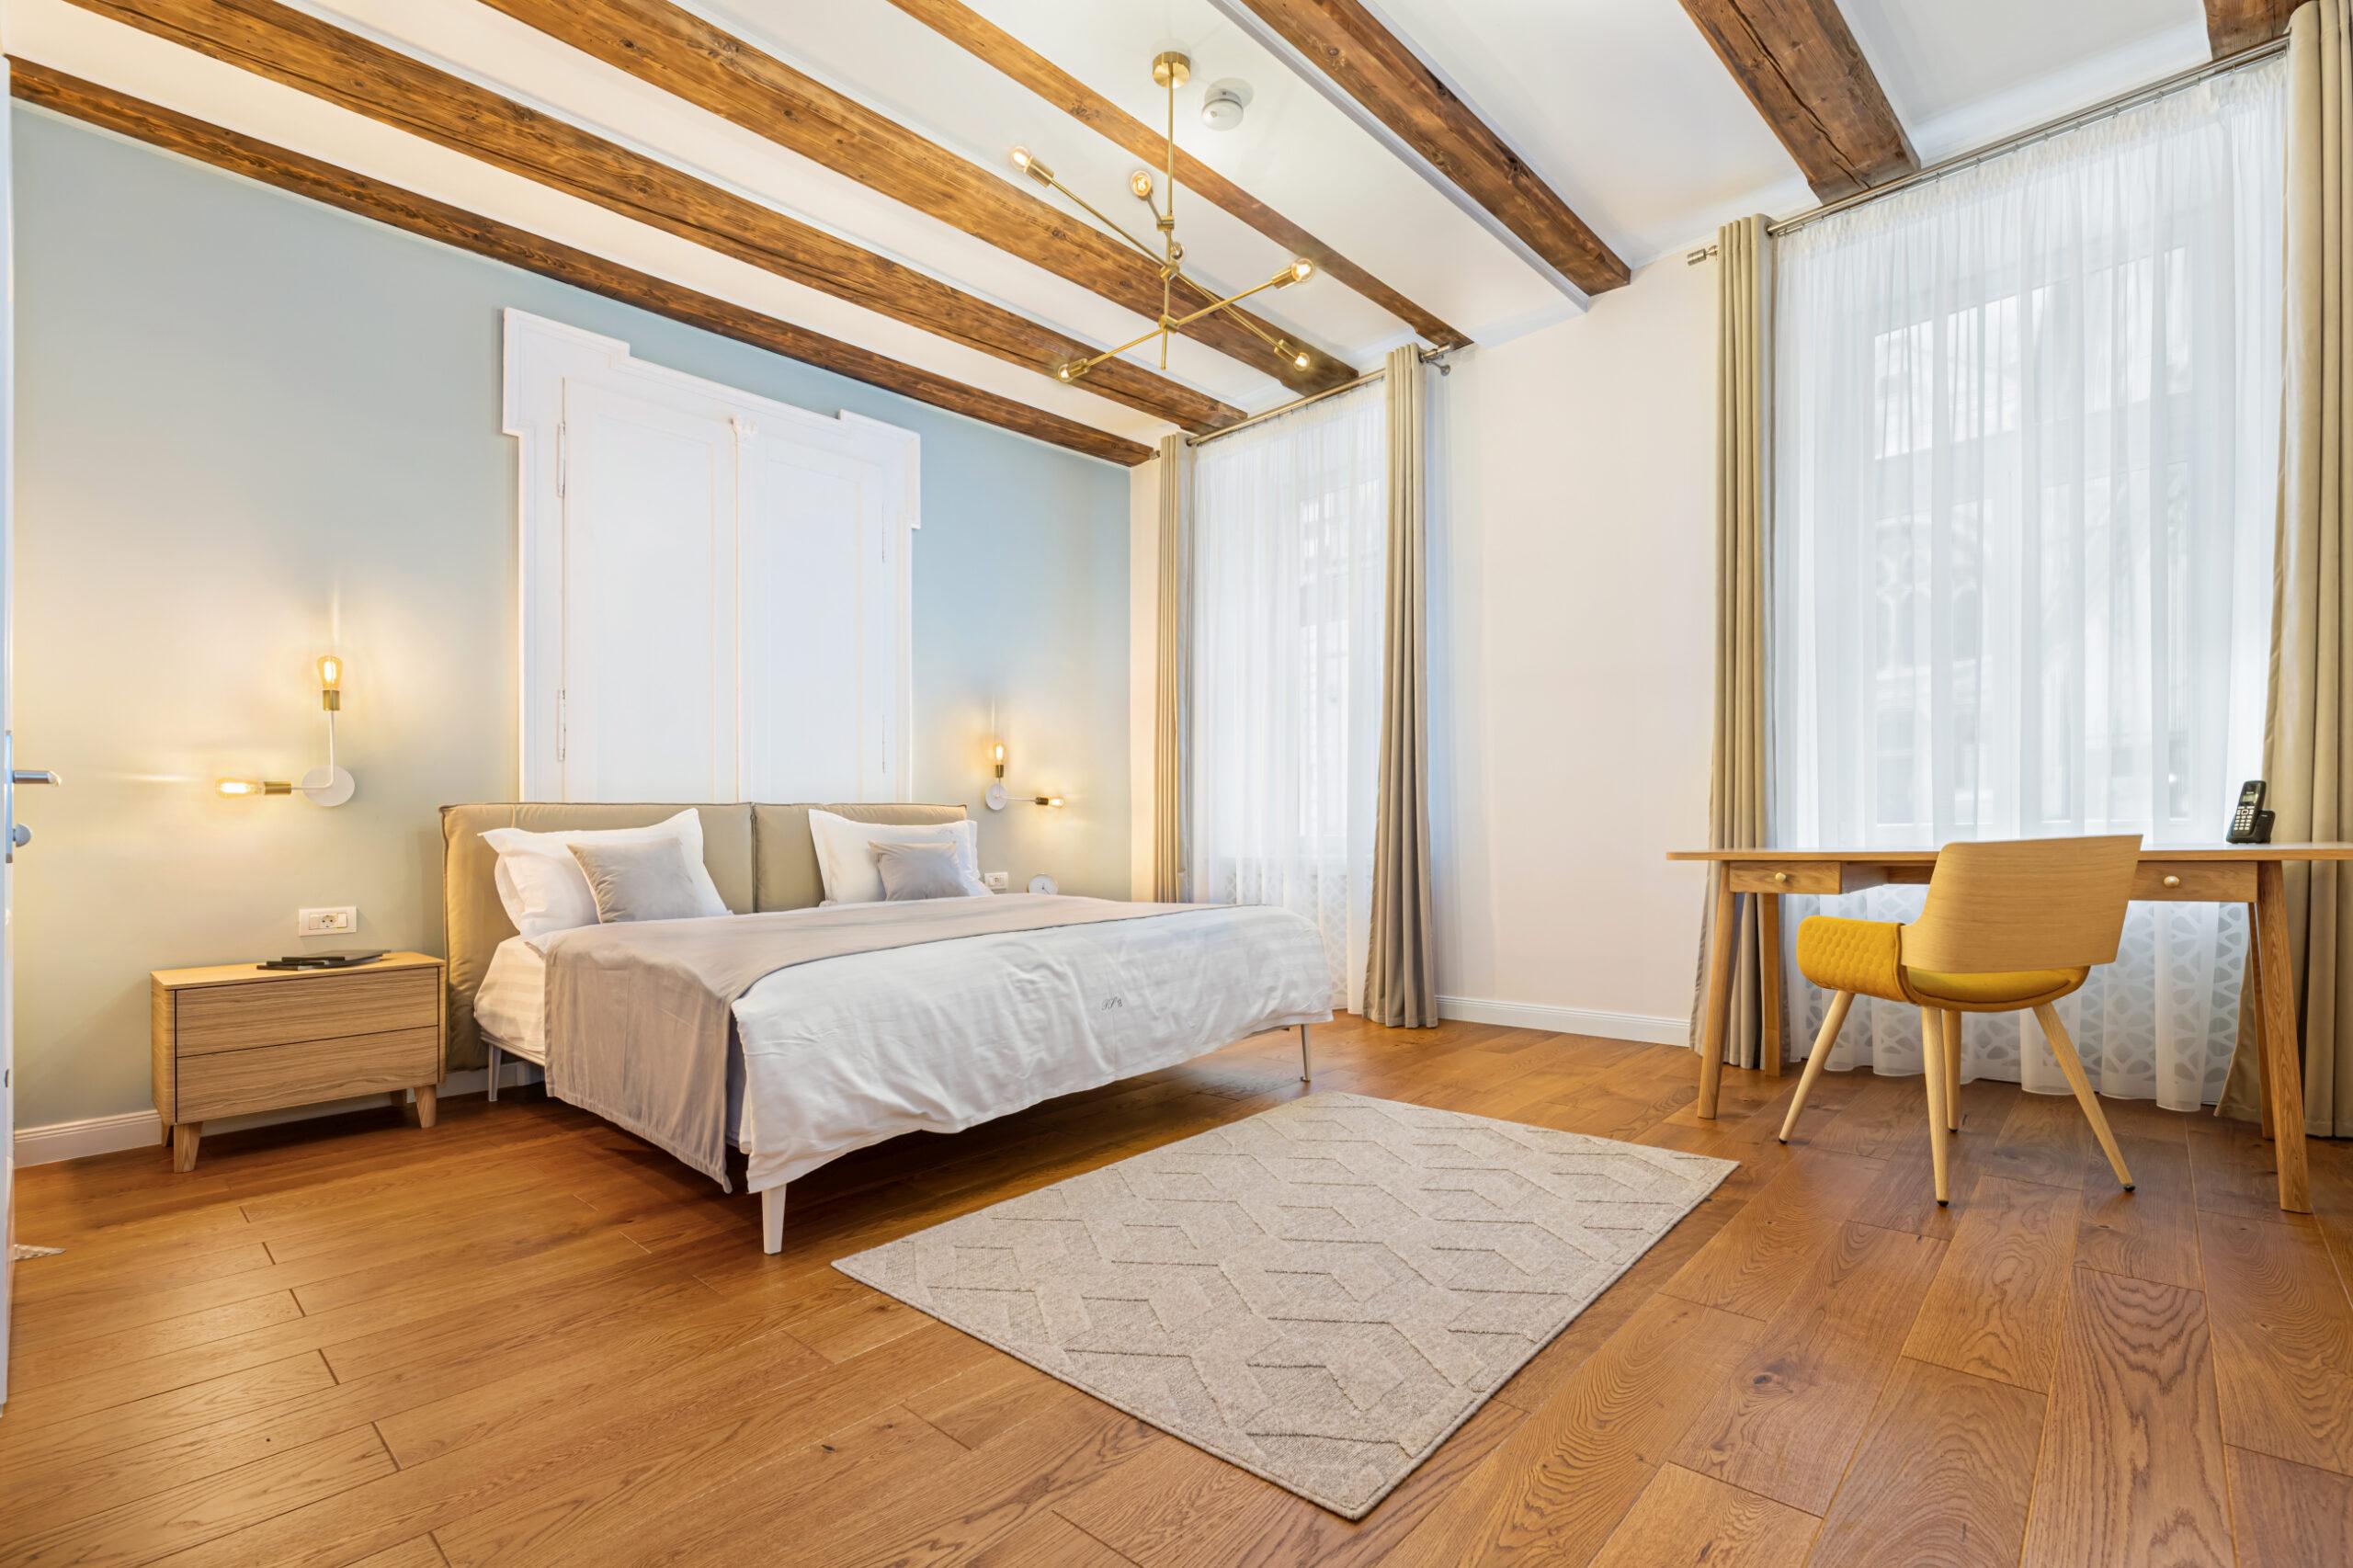 amenajare dormitor cozy